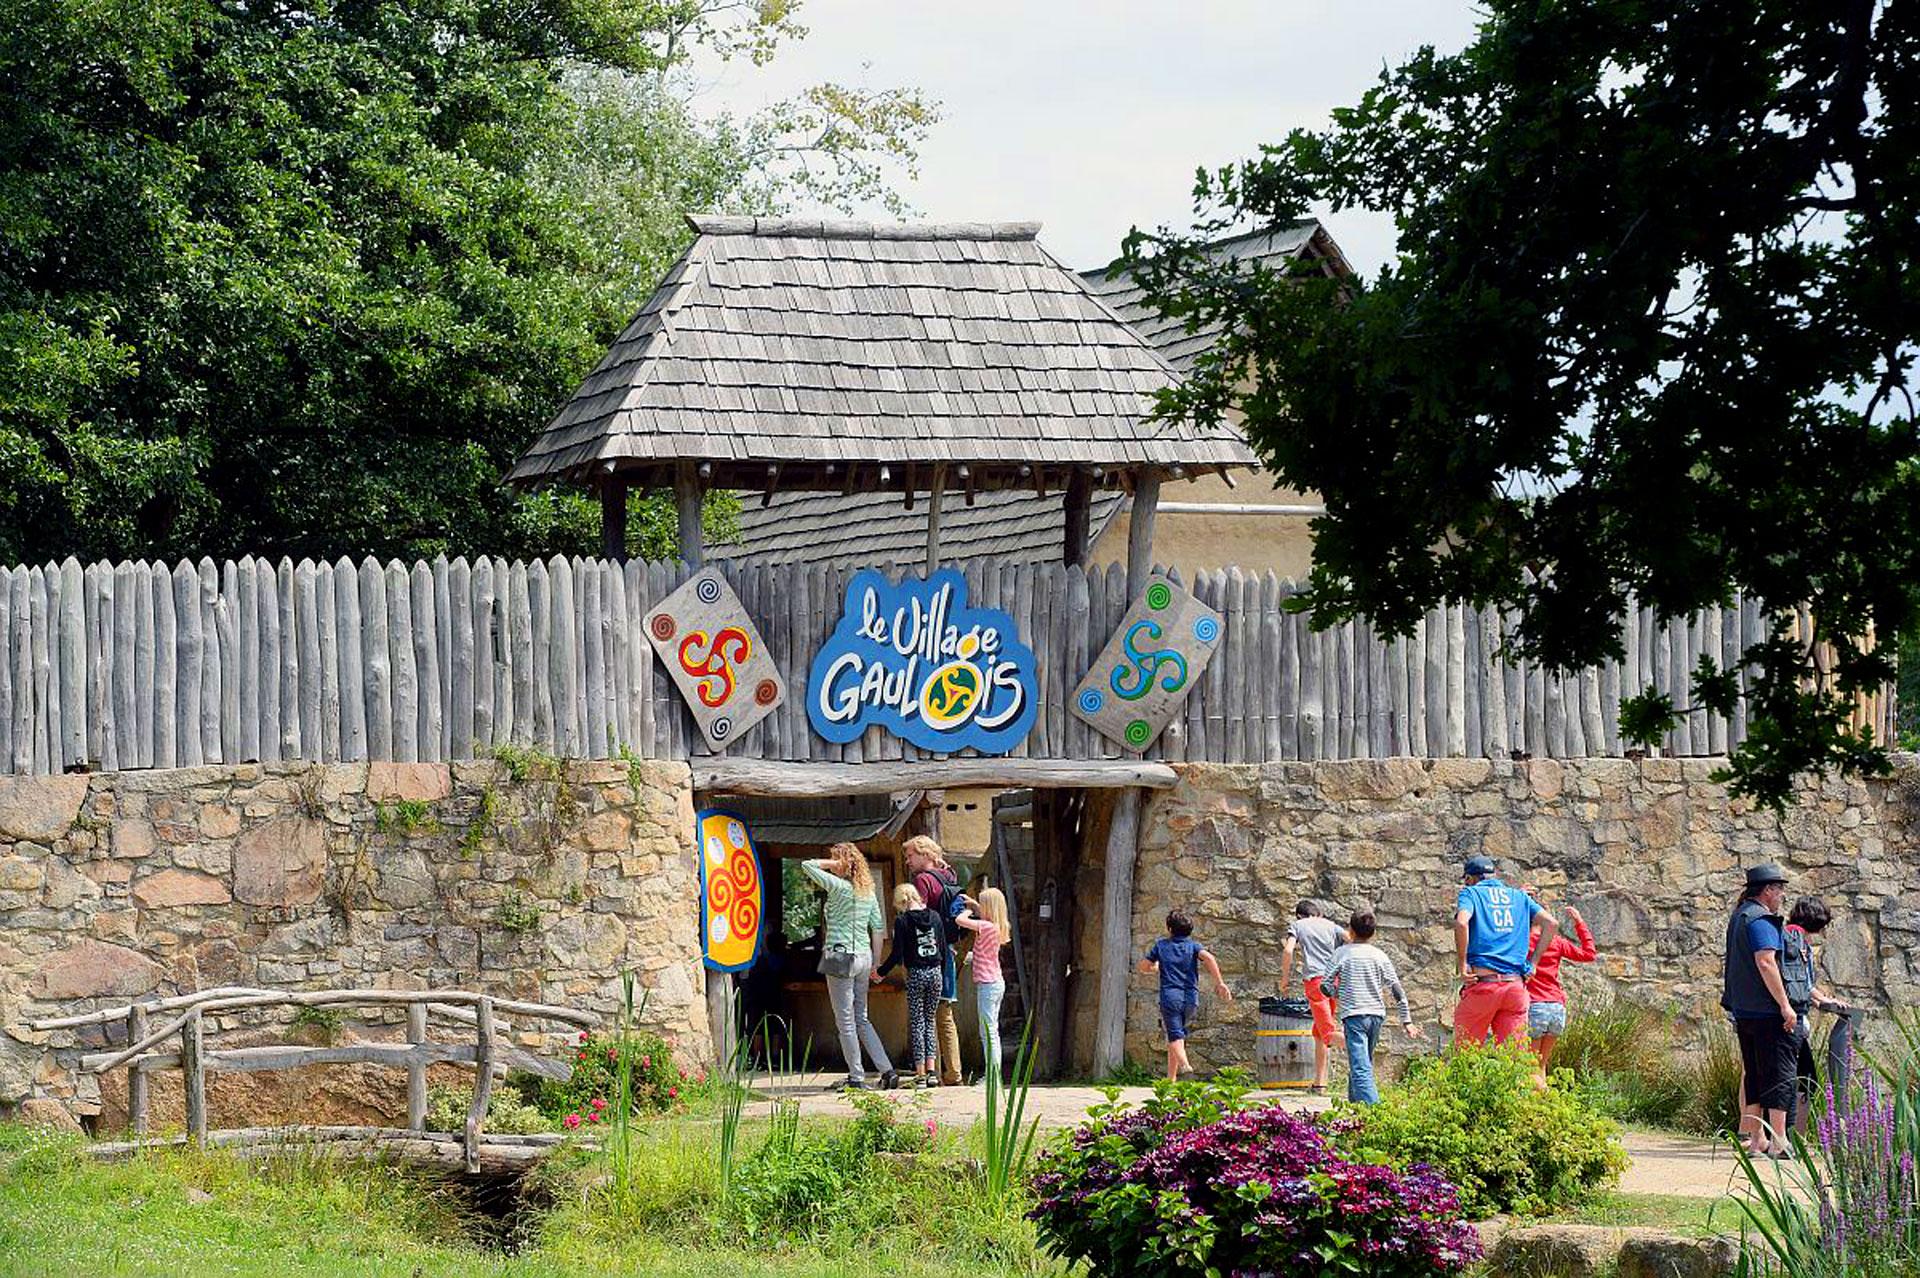 Entrée village gaulois, Pleumeur-Bodou